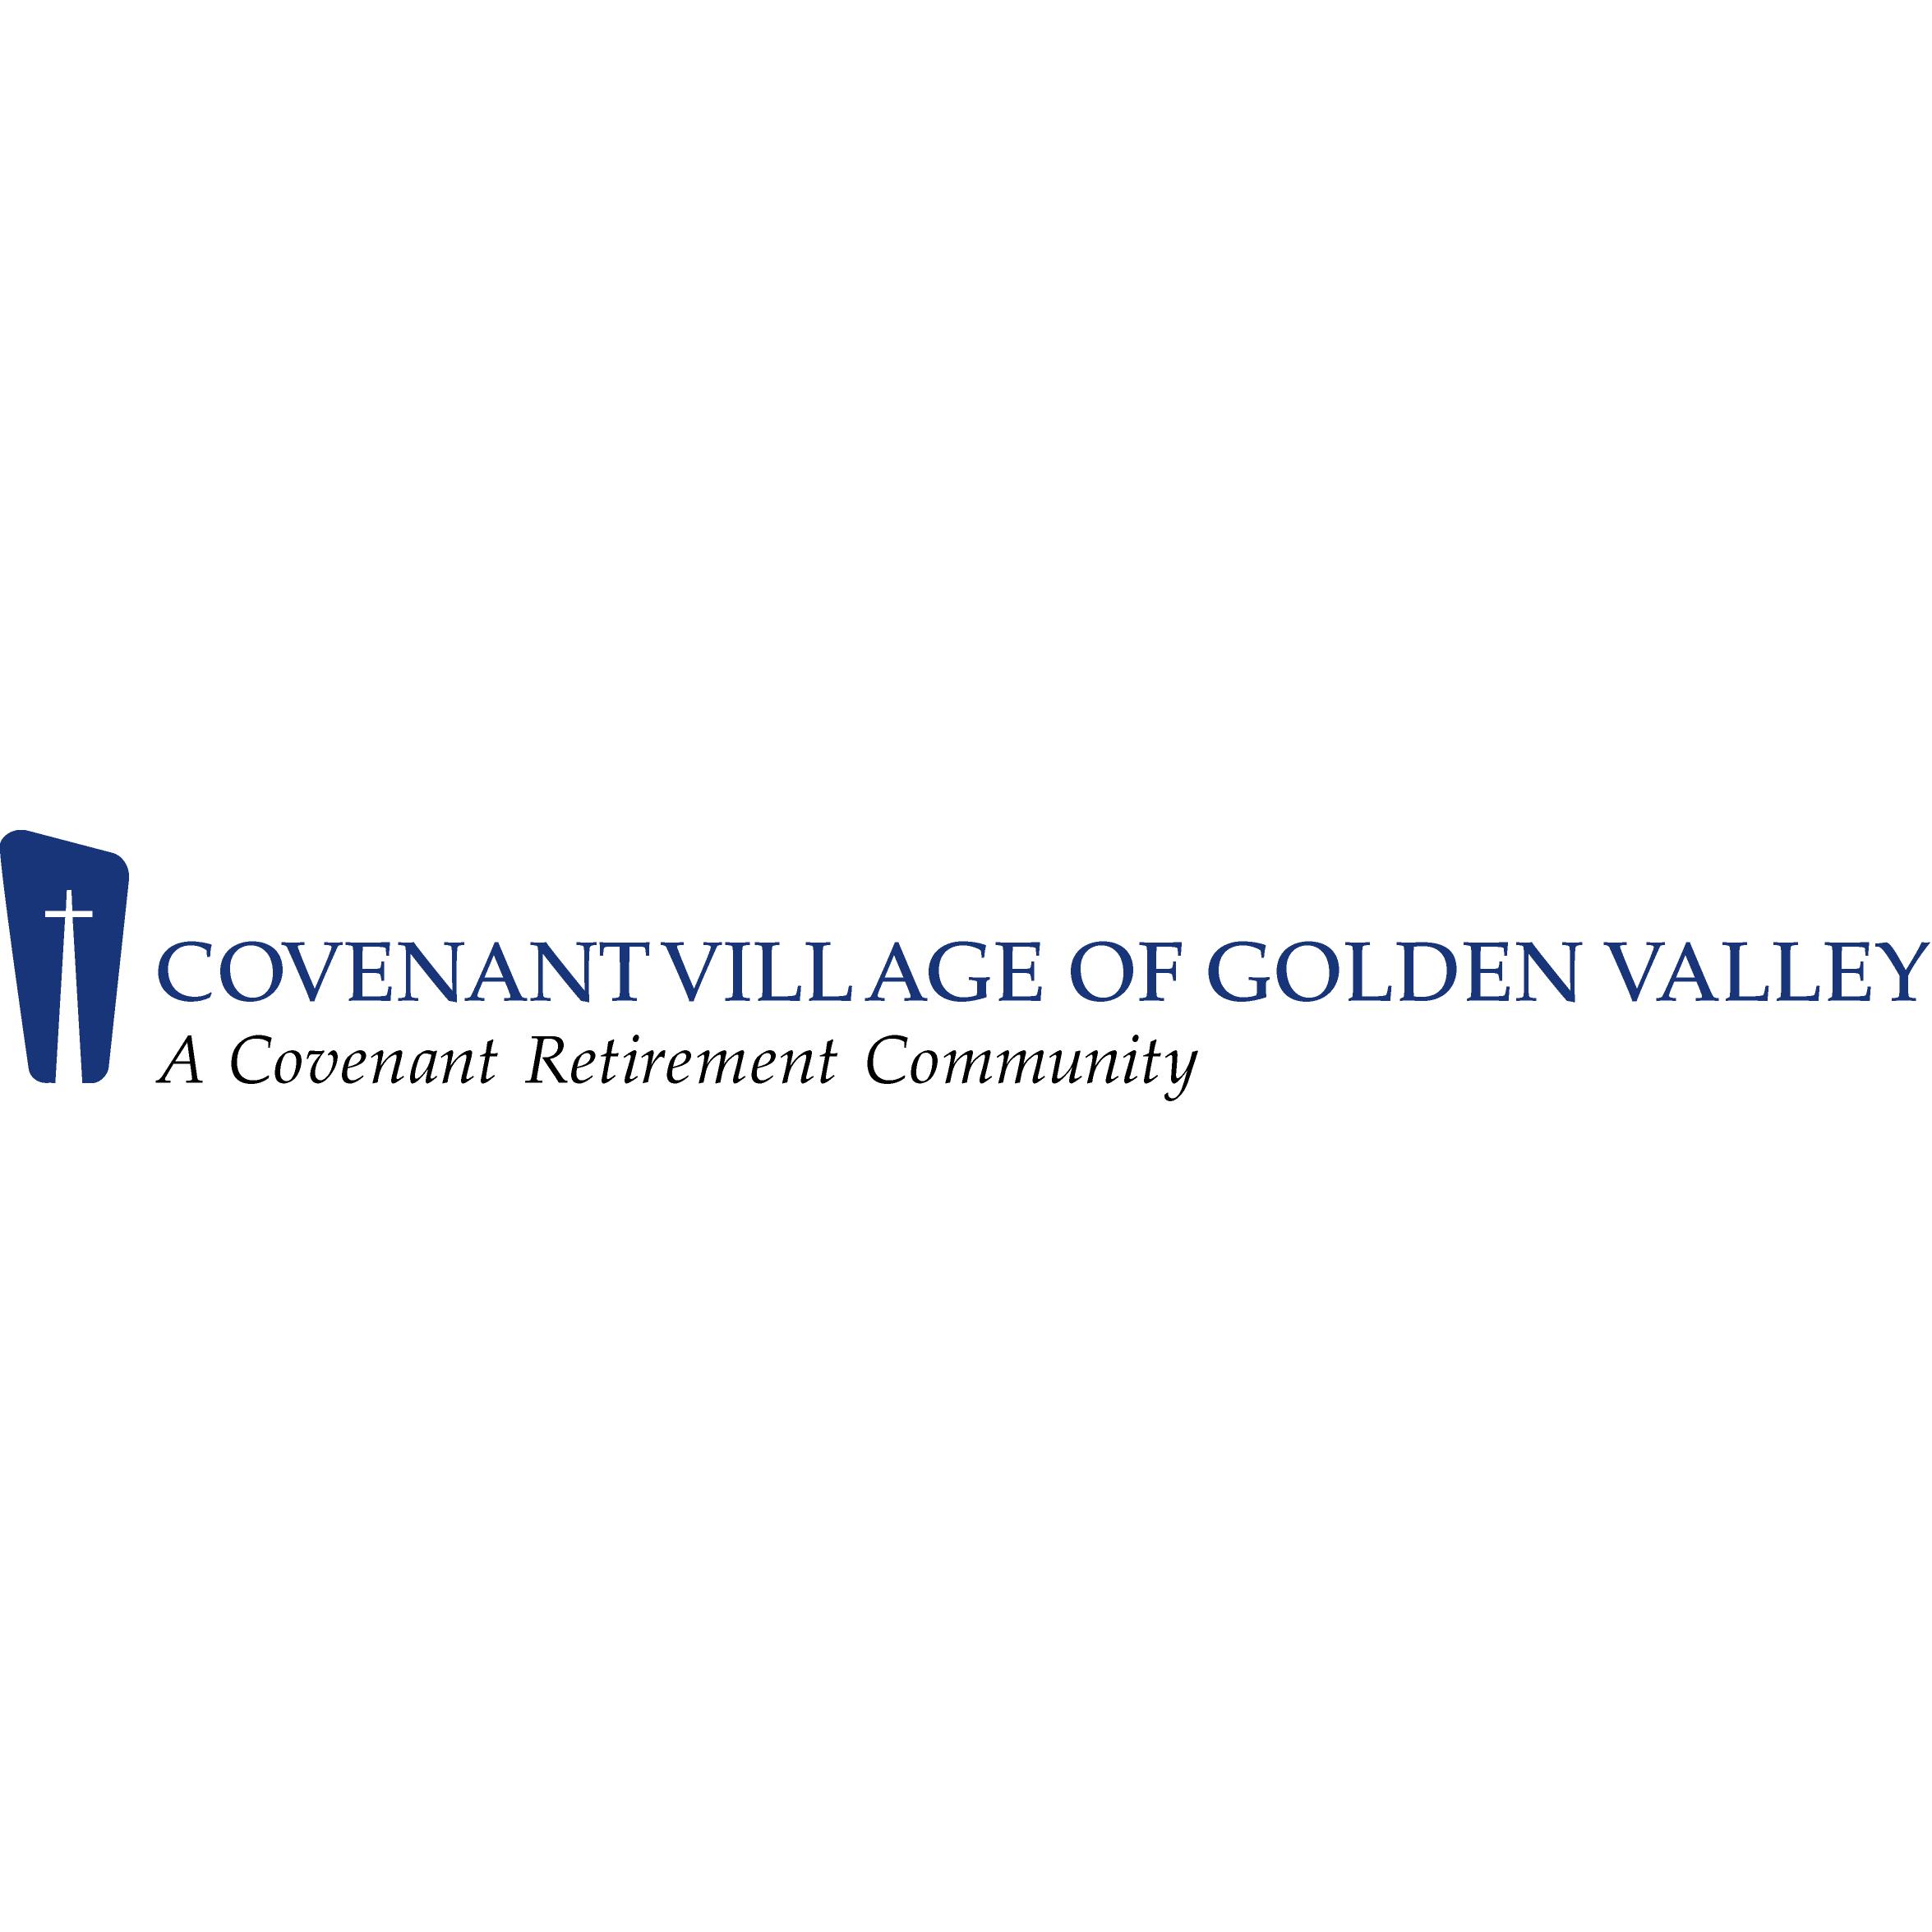 Covenant Village of Golden Valley - Golden Valley, MN - Retirement Communities